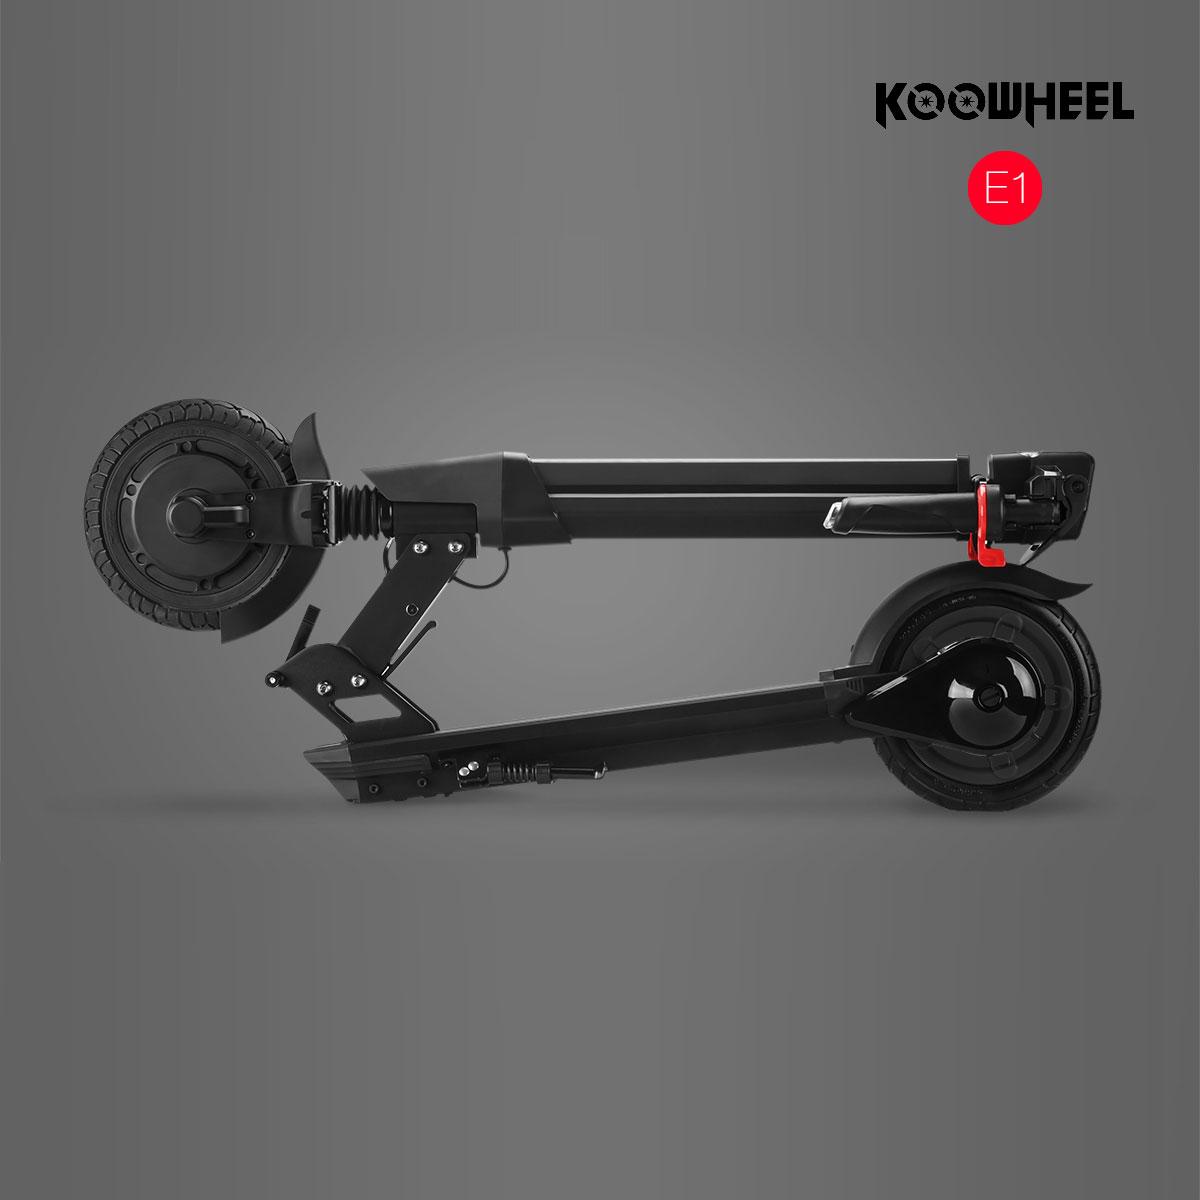 Monopattino Koowheel E1